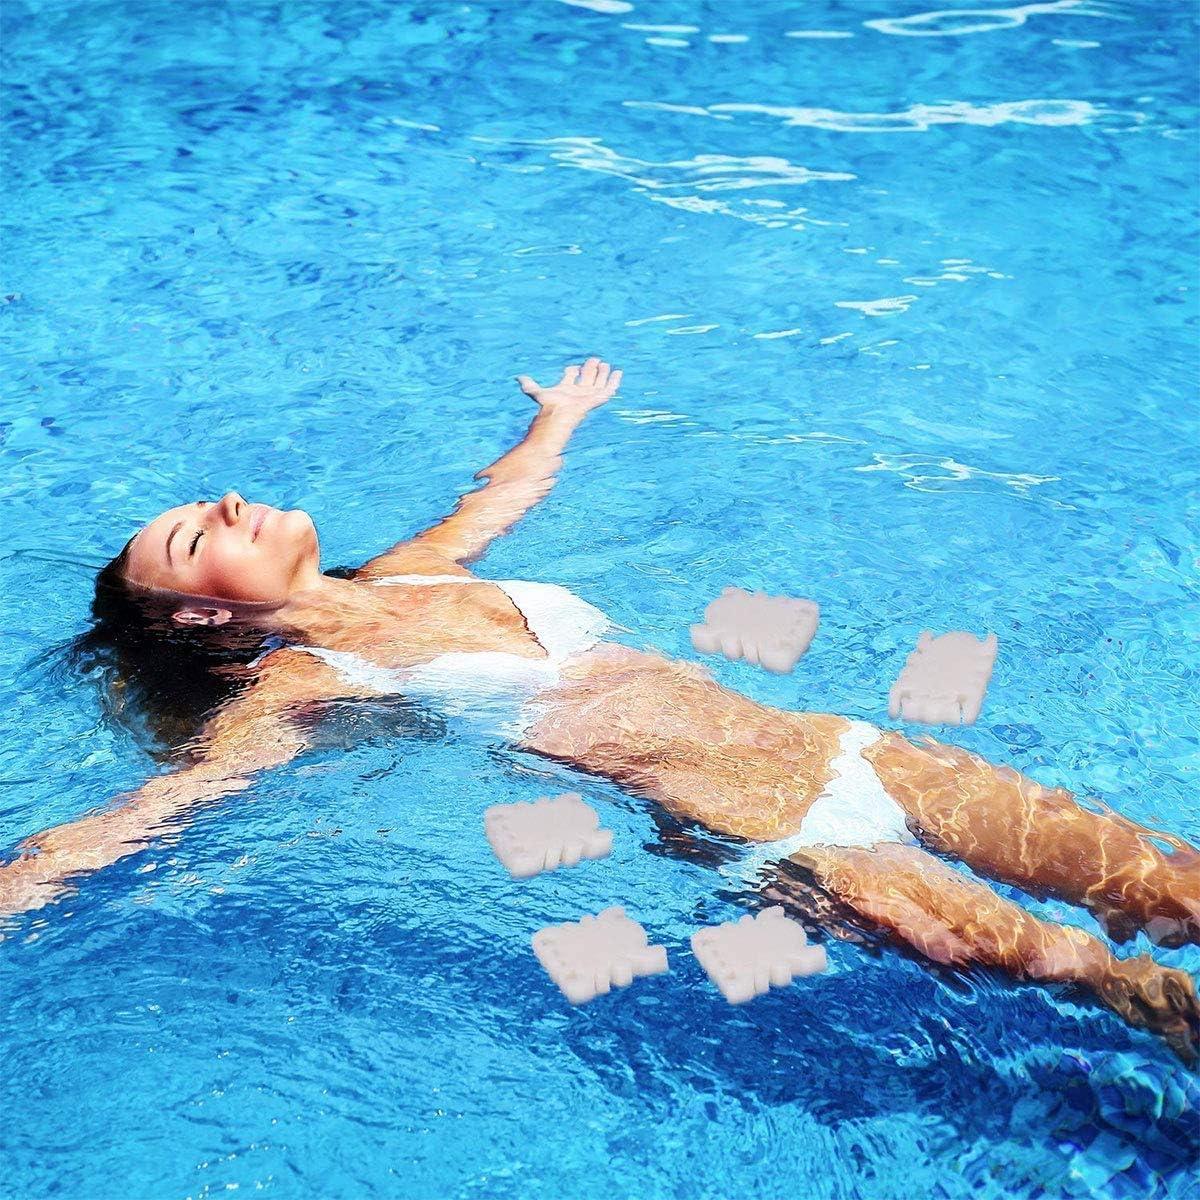 limpieza de tu piscina jacuzzis y suministros de tratamiento de spa NOBRAND Esponja de absorci/ón de aceite para piscinas jard/ín y exteriores absorbe aceites y escoria.